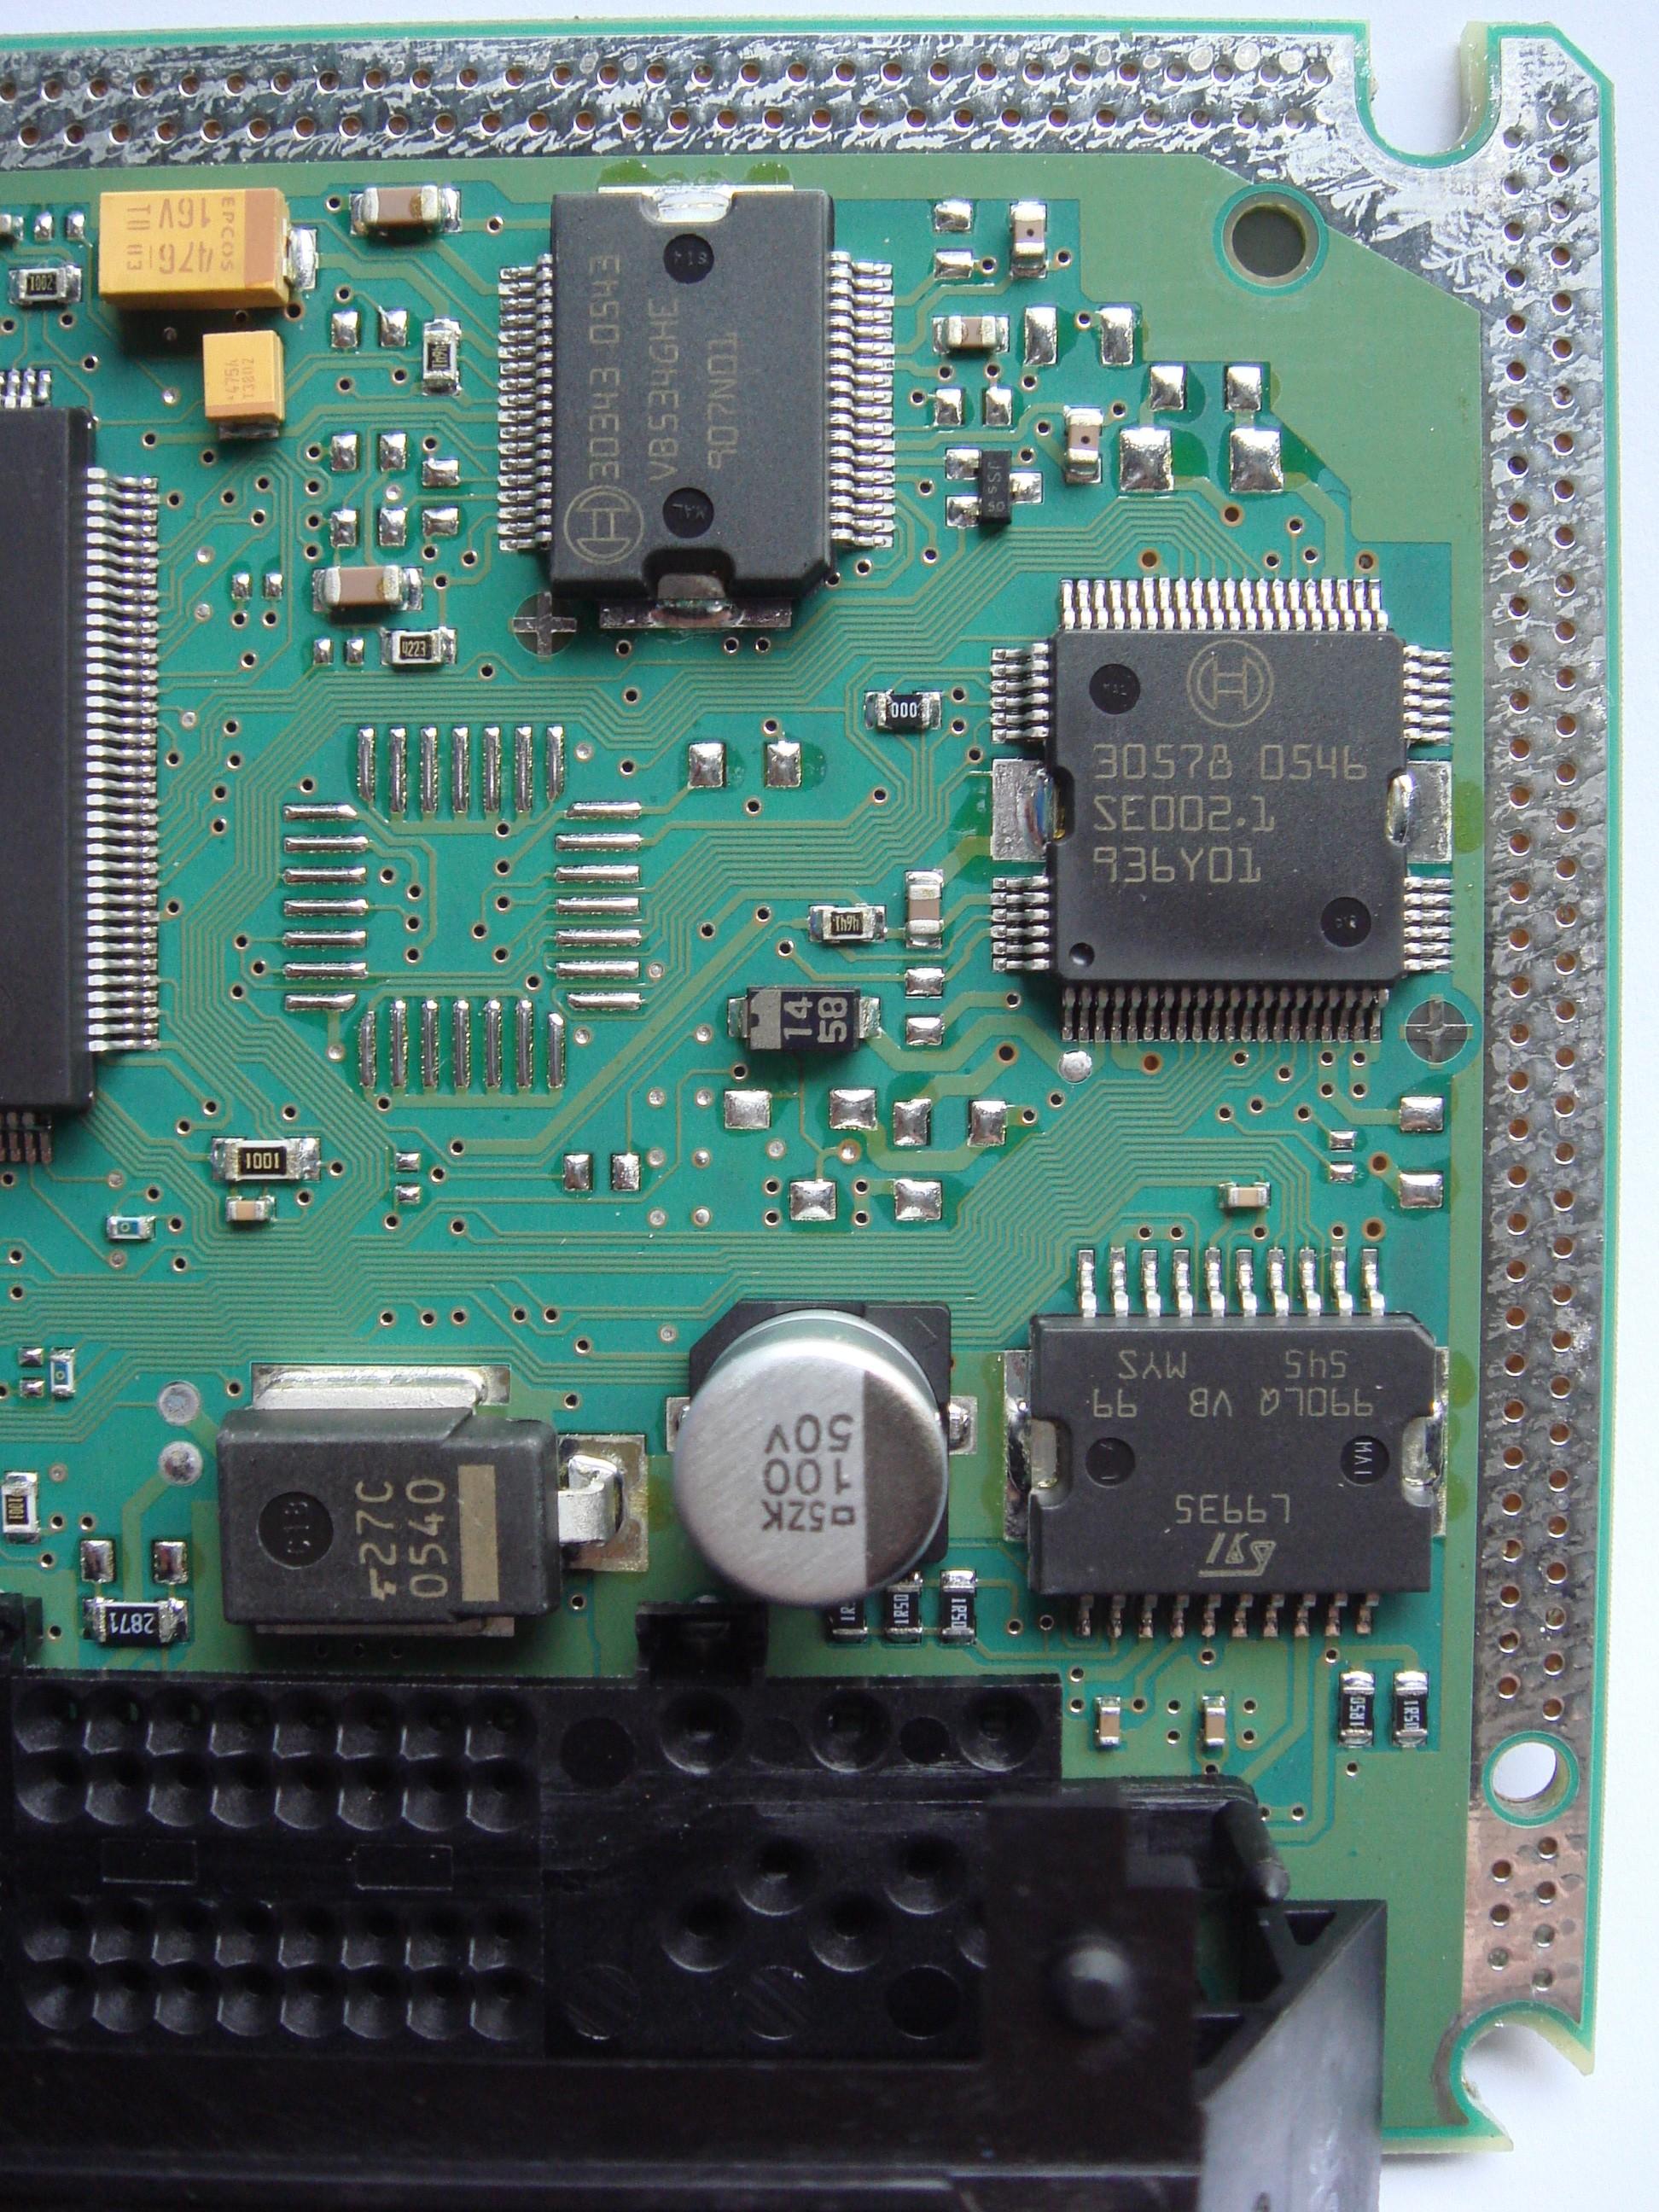 схема электронного блока управления на м73